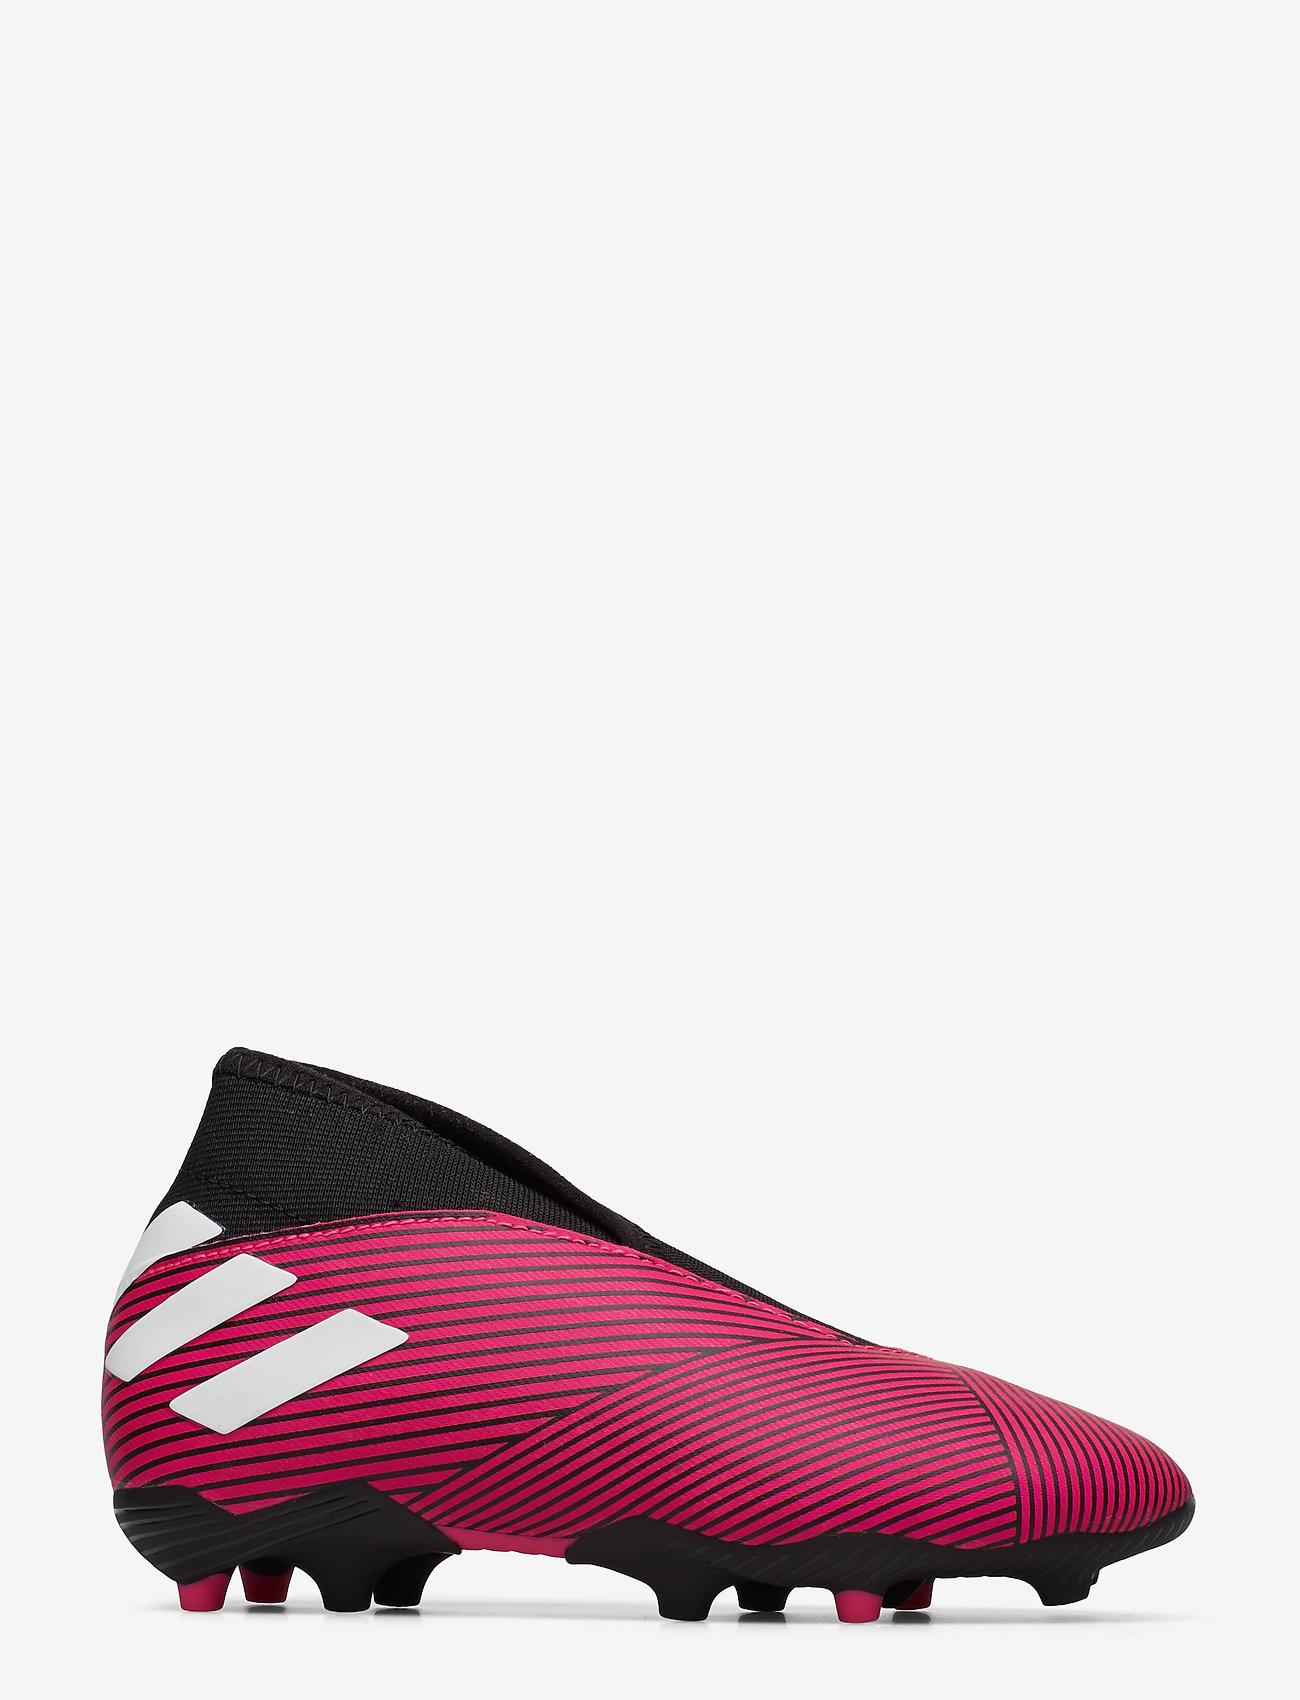 Adidas Performance Nemeziz 19.3 Ll Fg J - Sneakers Shopnk/ftwwht/cblack